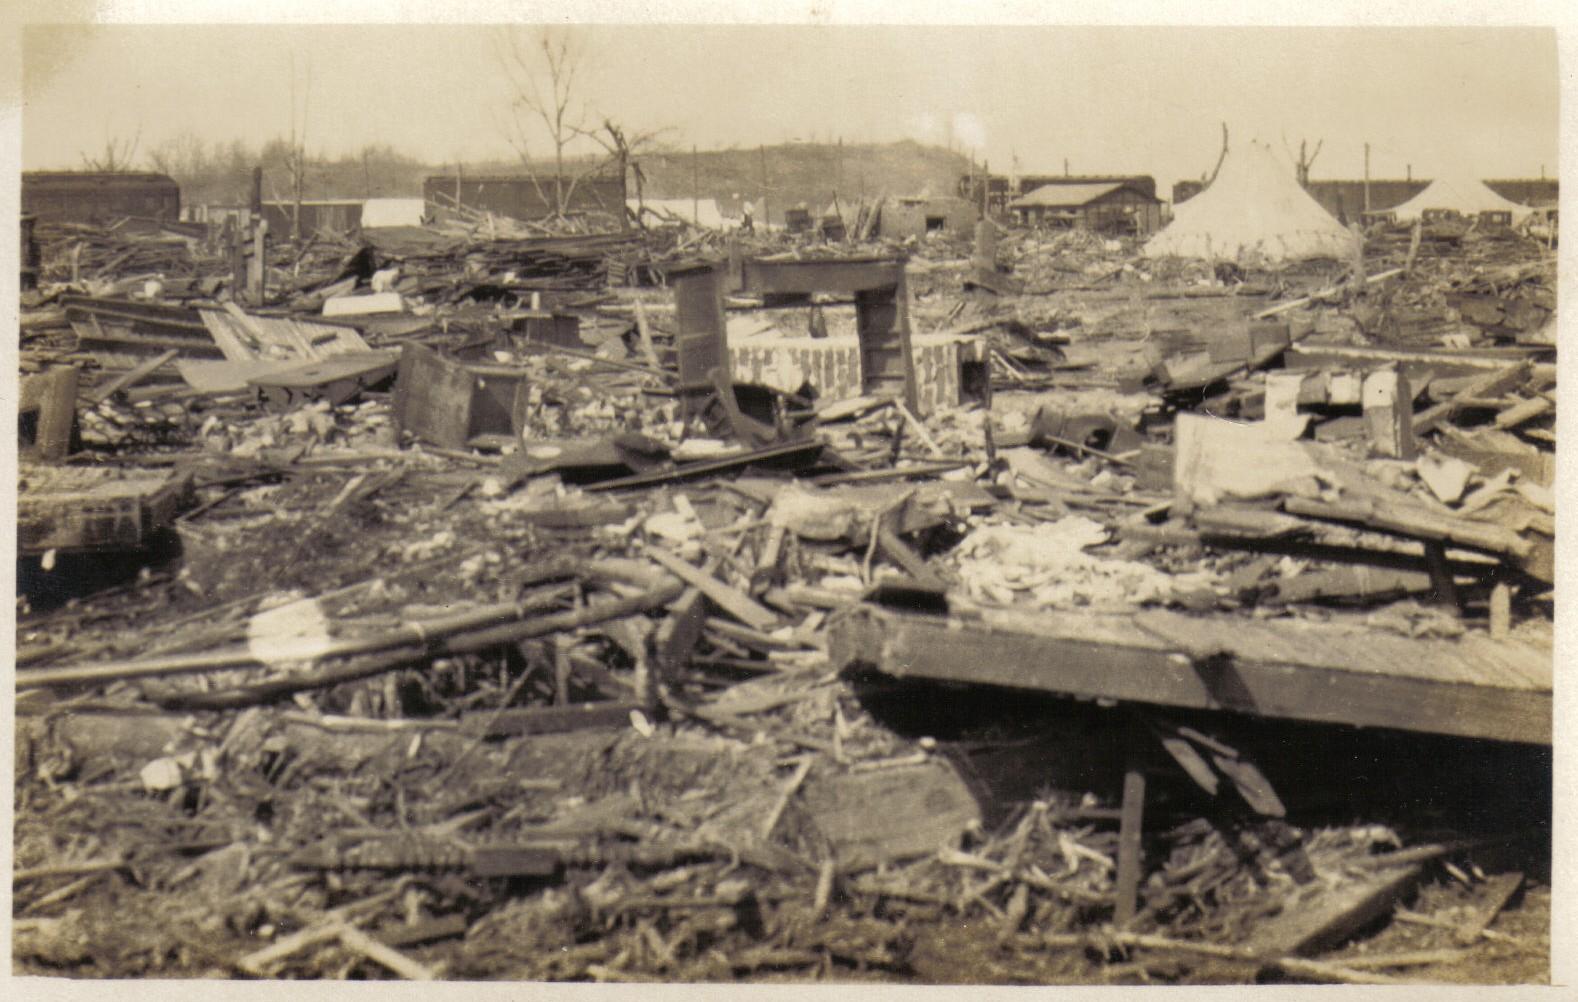 Los mayores desastres y cataclismos de la historia del planeta 1925tornado-p2o-b